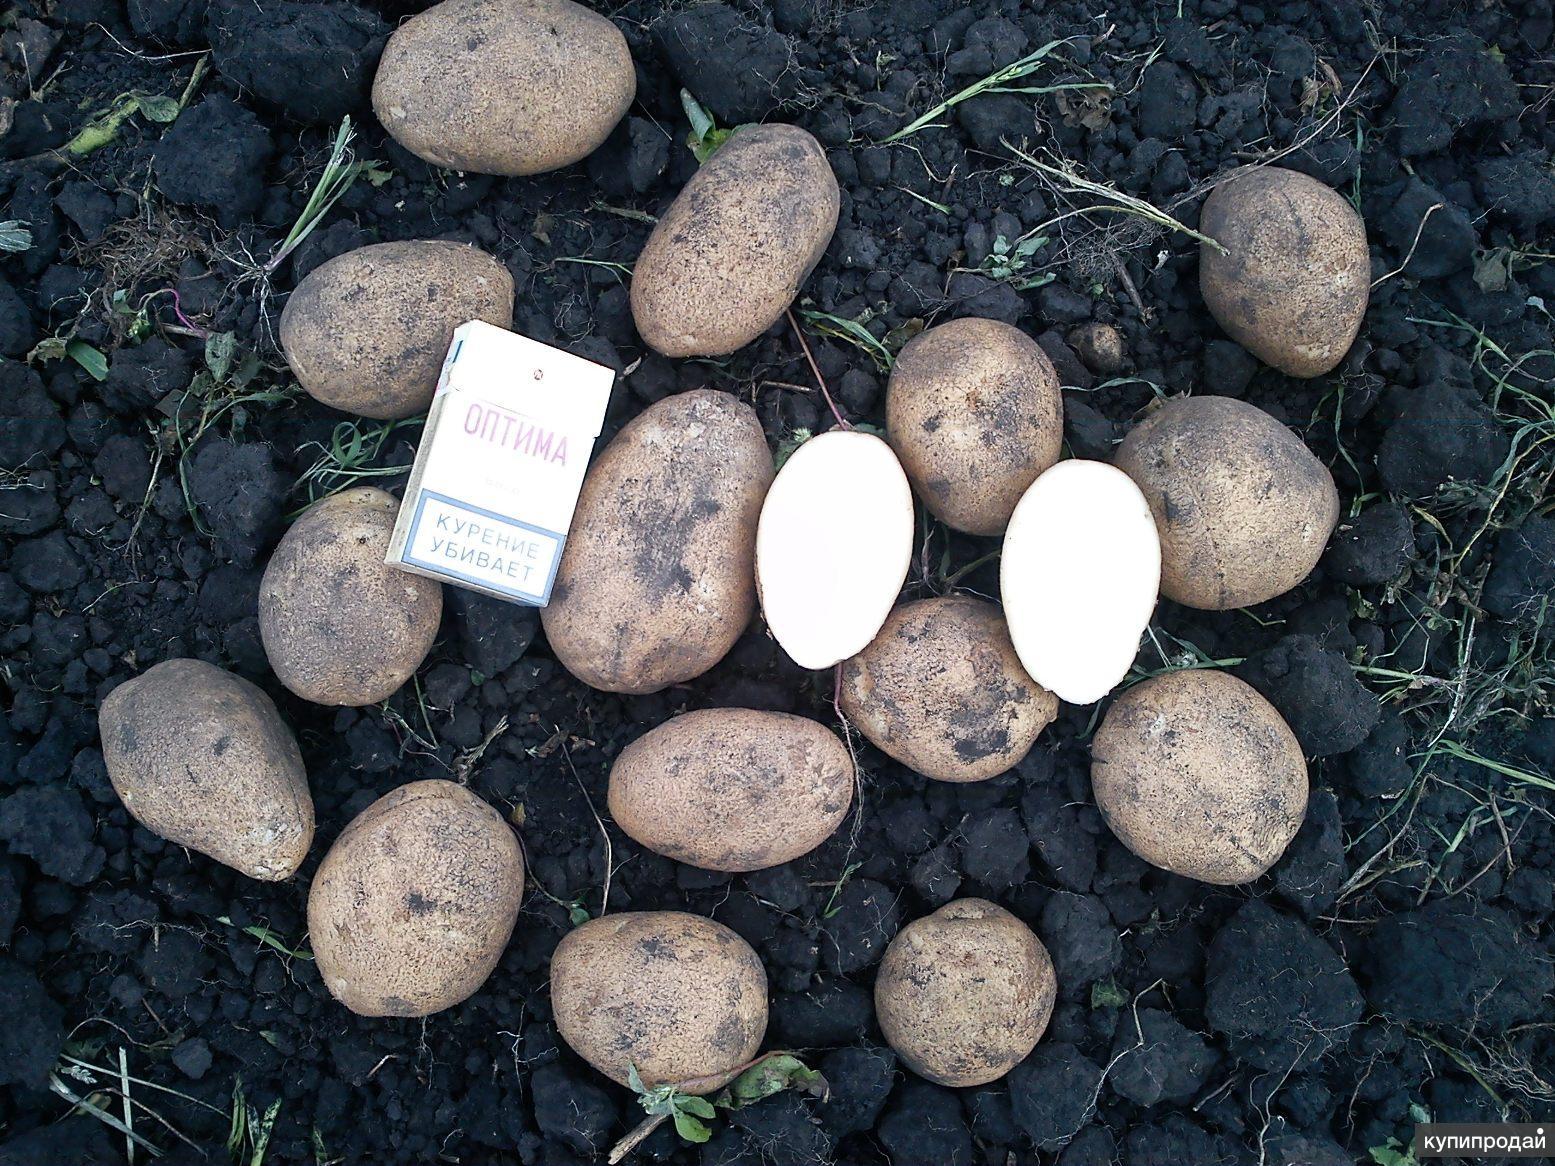 Картофель от производителя за 8 руб.